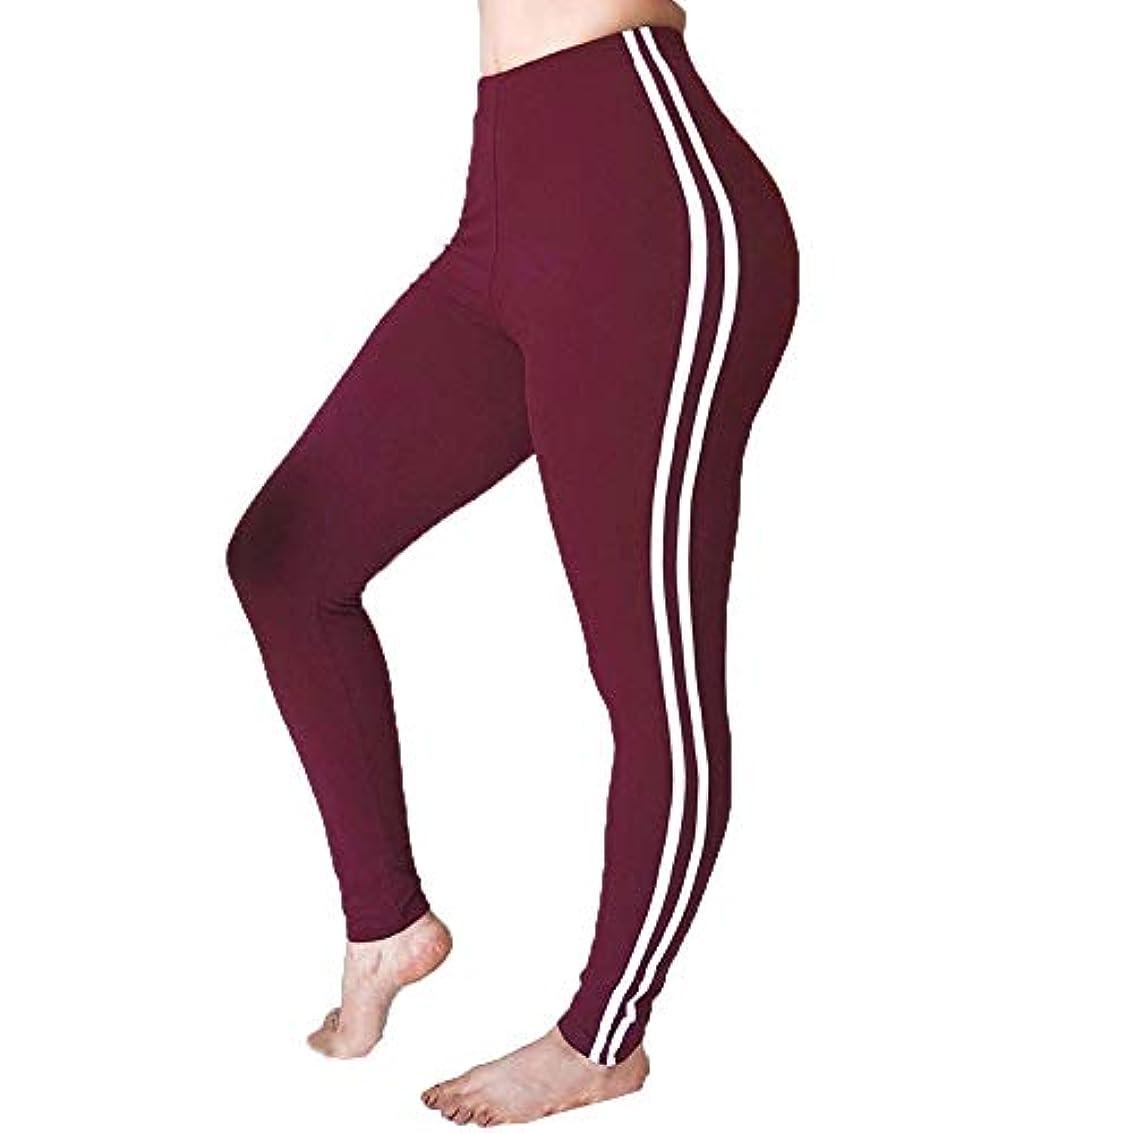 海港スキー甘いMIFAN 女性パンツ、ロングパンツ、ハイウエストパンツ、スポーツパンツ、スキニーパンツ、ヨガパンツ、